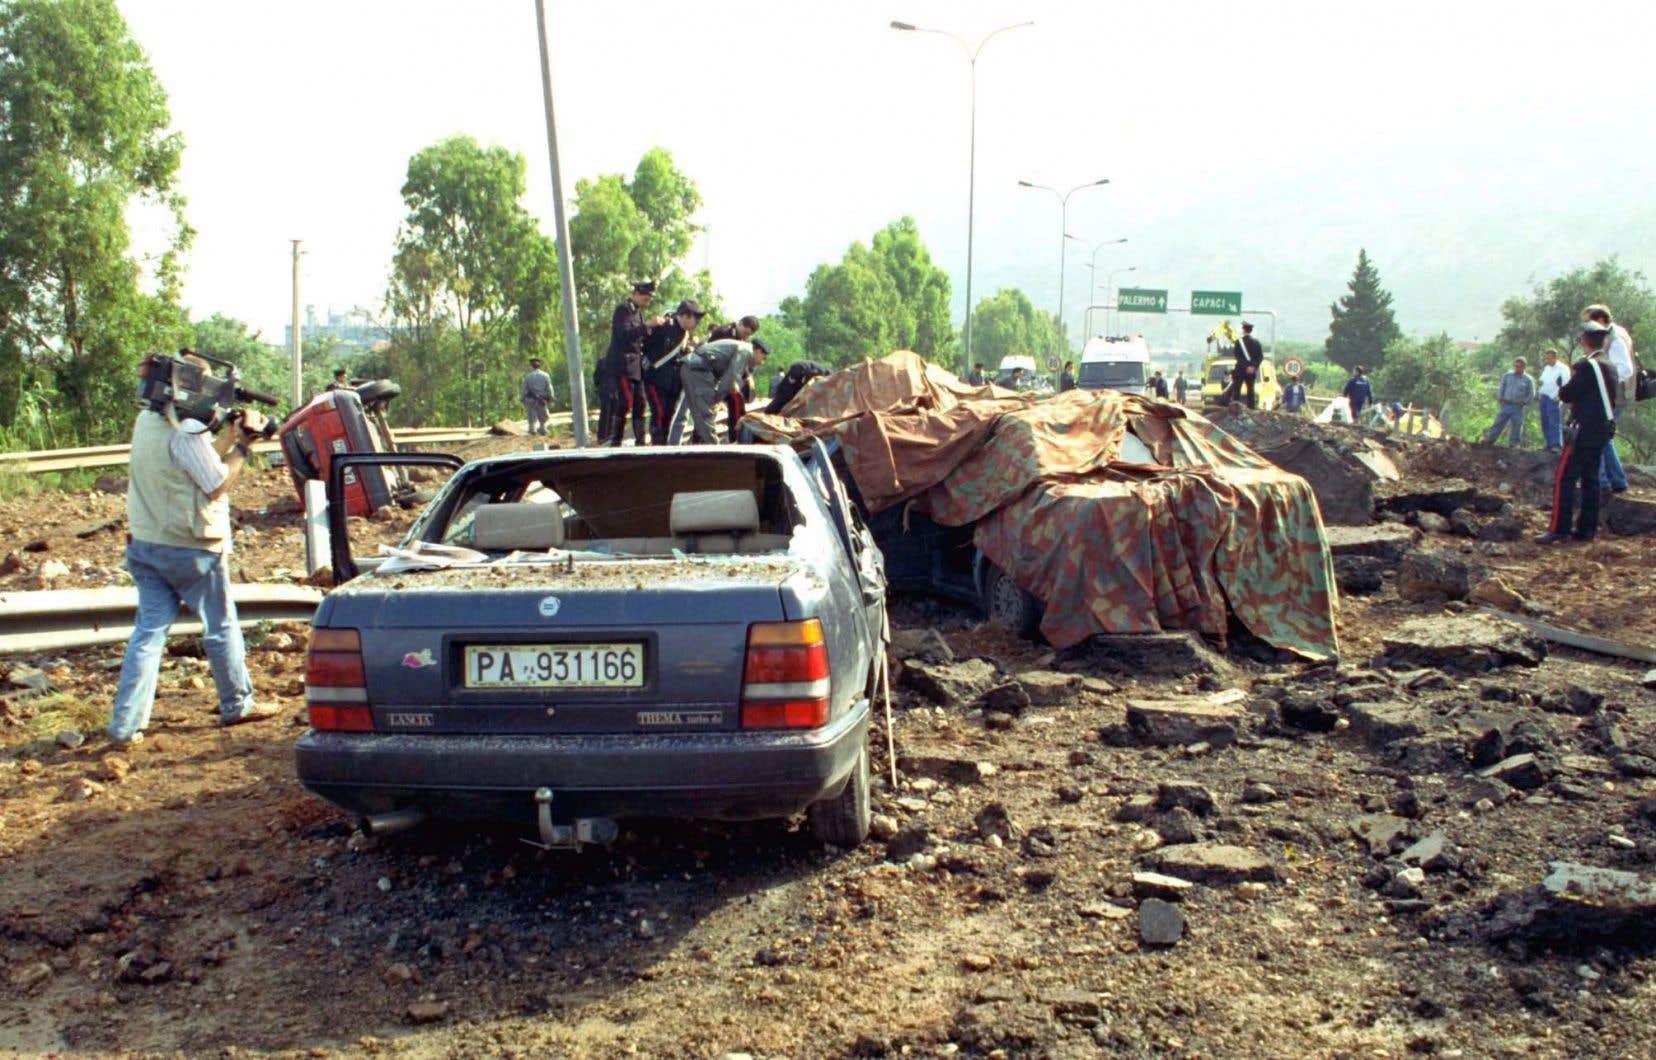 C'est Giovanni Brusca qui en 1992 avait actionné la télécommande qui fit exploser une bombe contenant 400kg d'explosifs sous la voiture du juge près de Palerme, tuant Giovanni Falcone, sa femme, et trois gardes du corps.